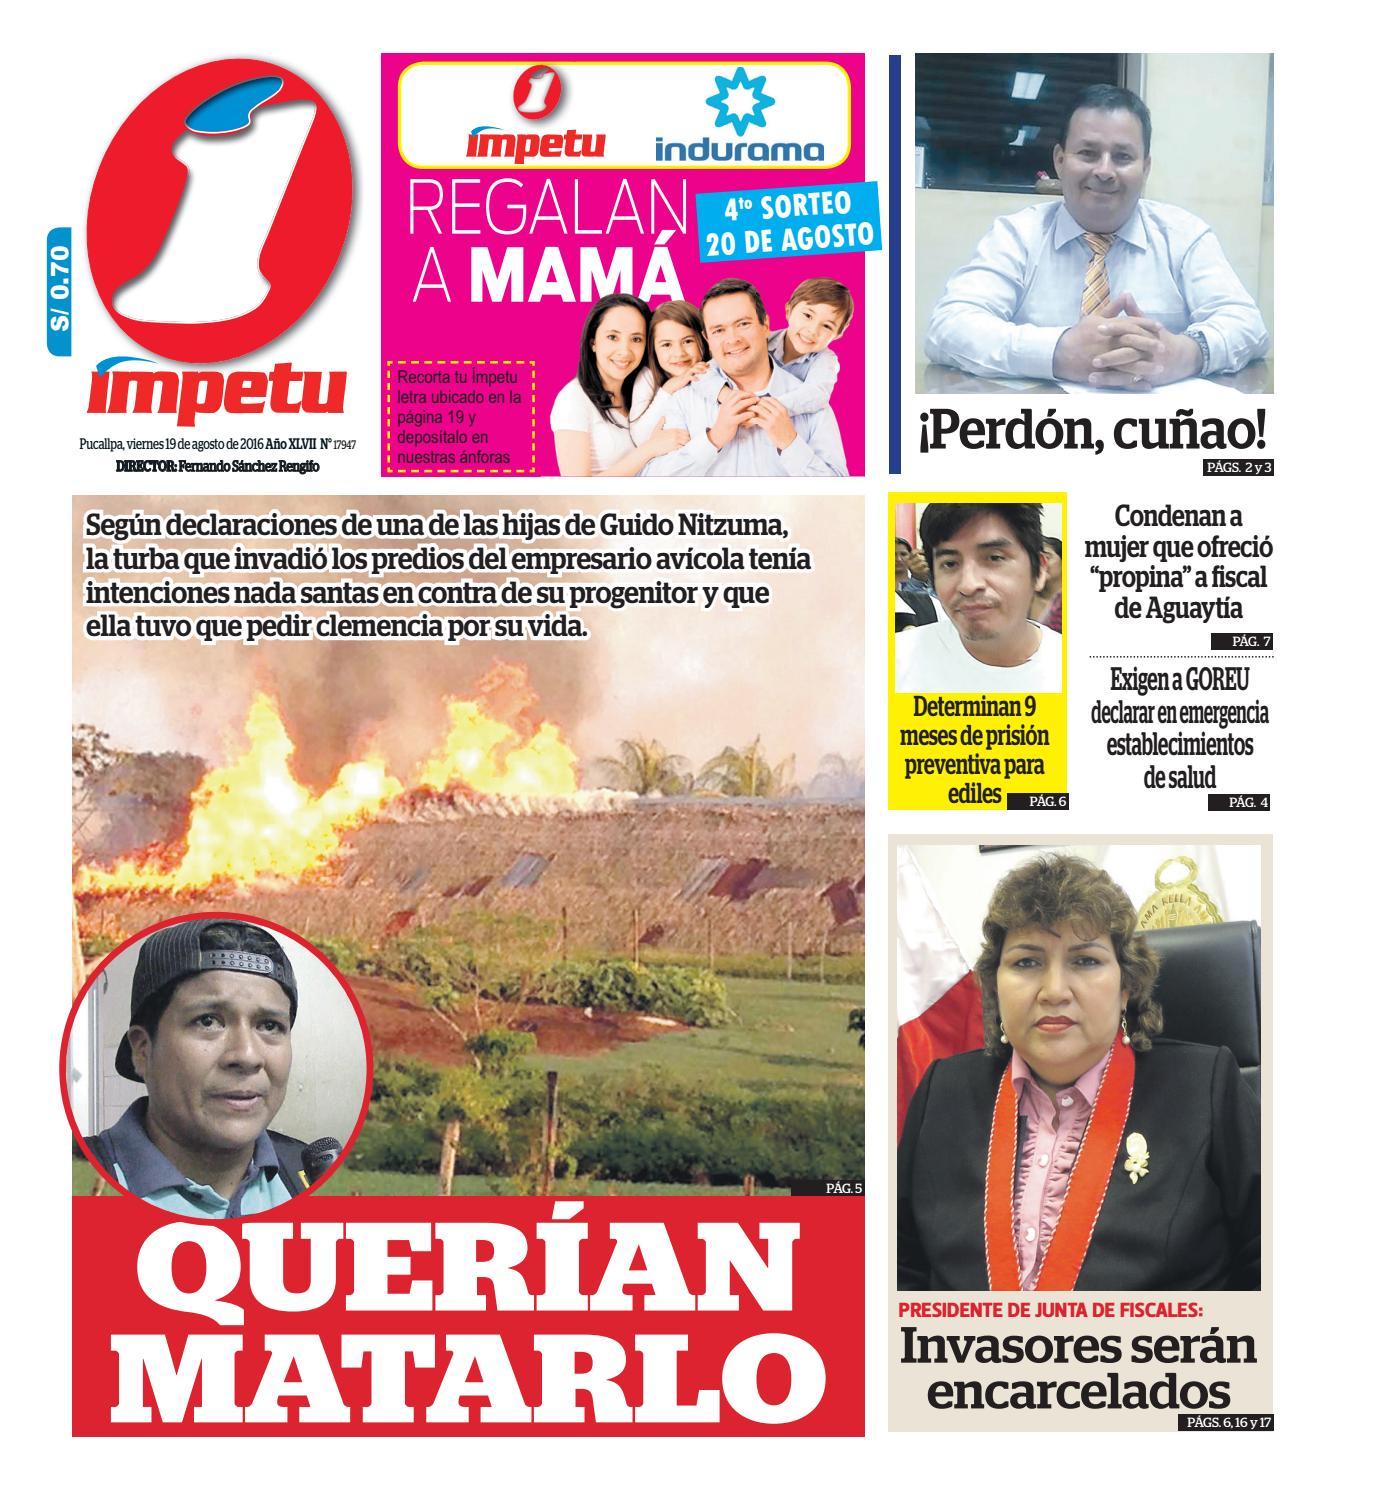 Impetu 19 de agosto de 2016 by Diario mpetu issuu